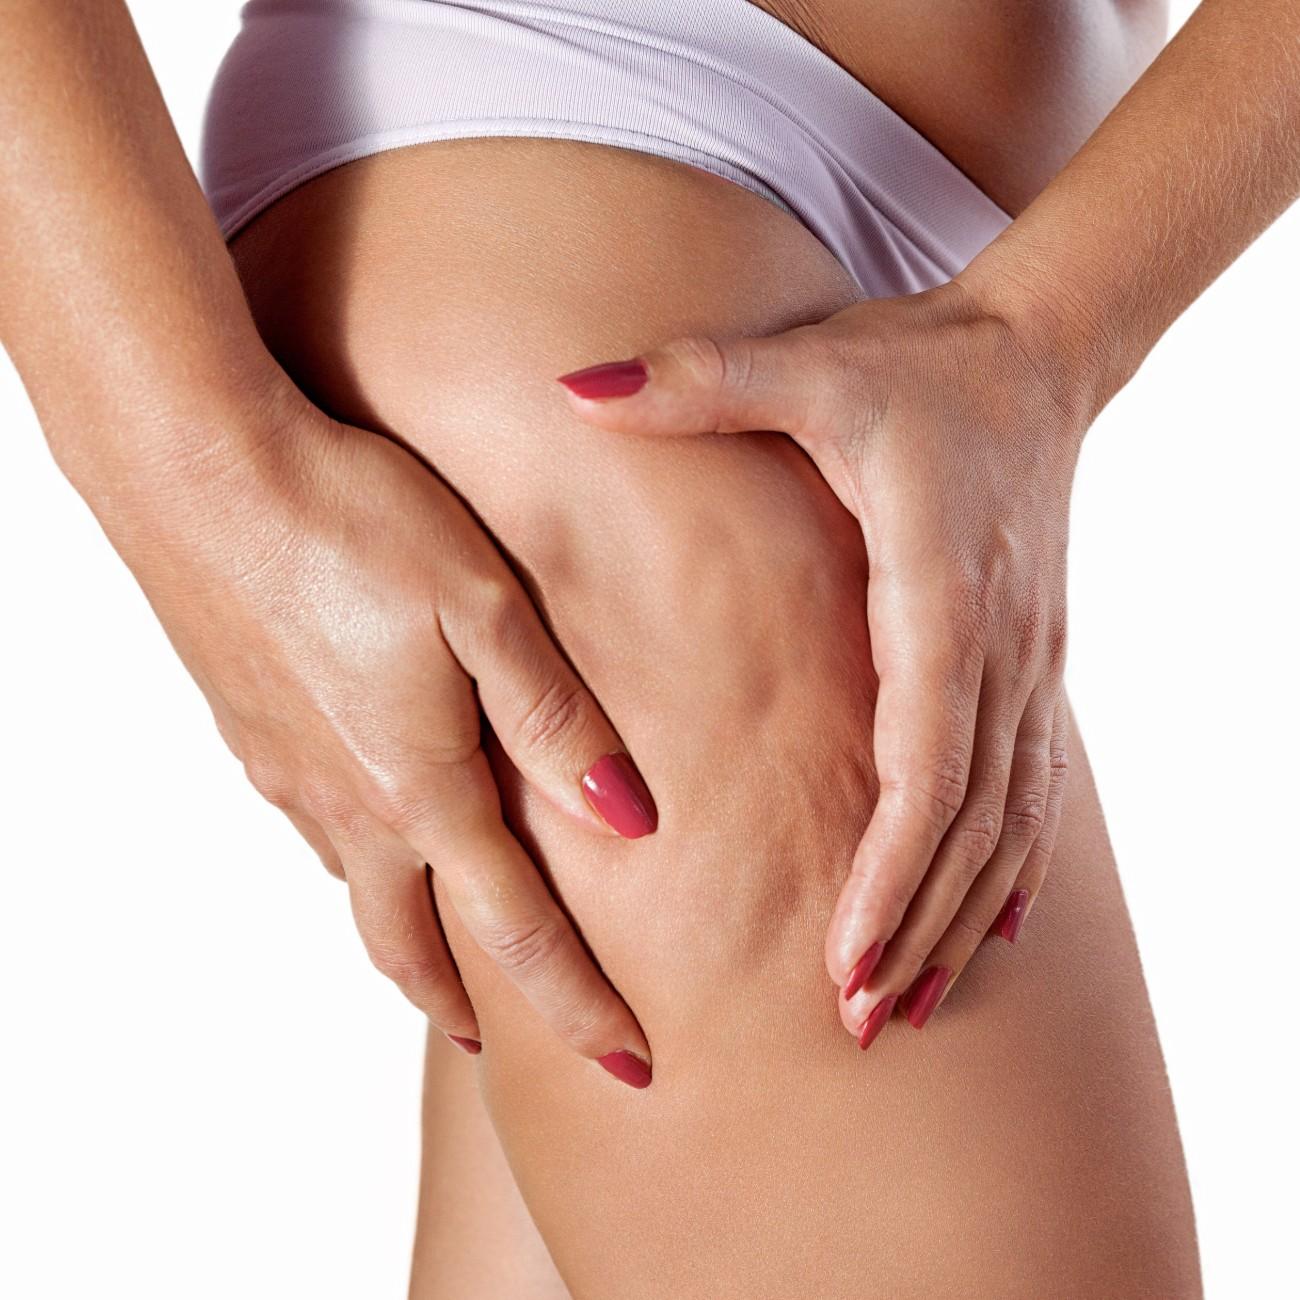 Dita femminili premono la pelle di una coscia evidenziando la cellulite